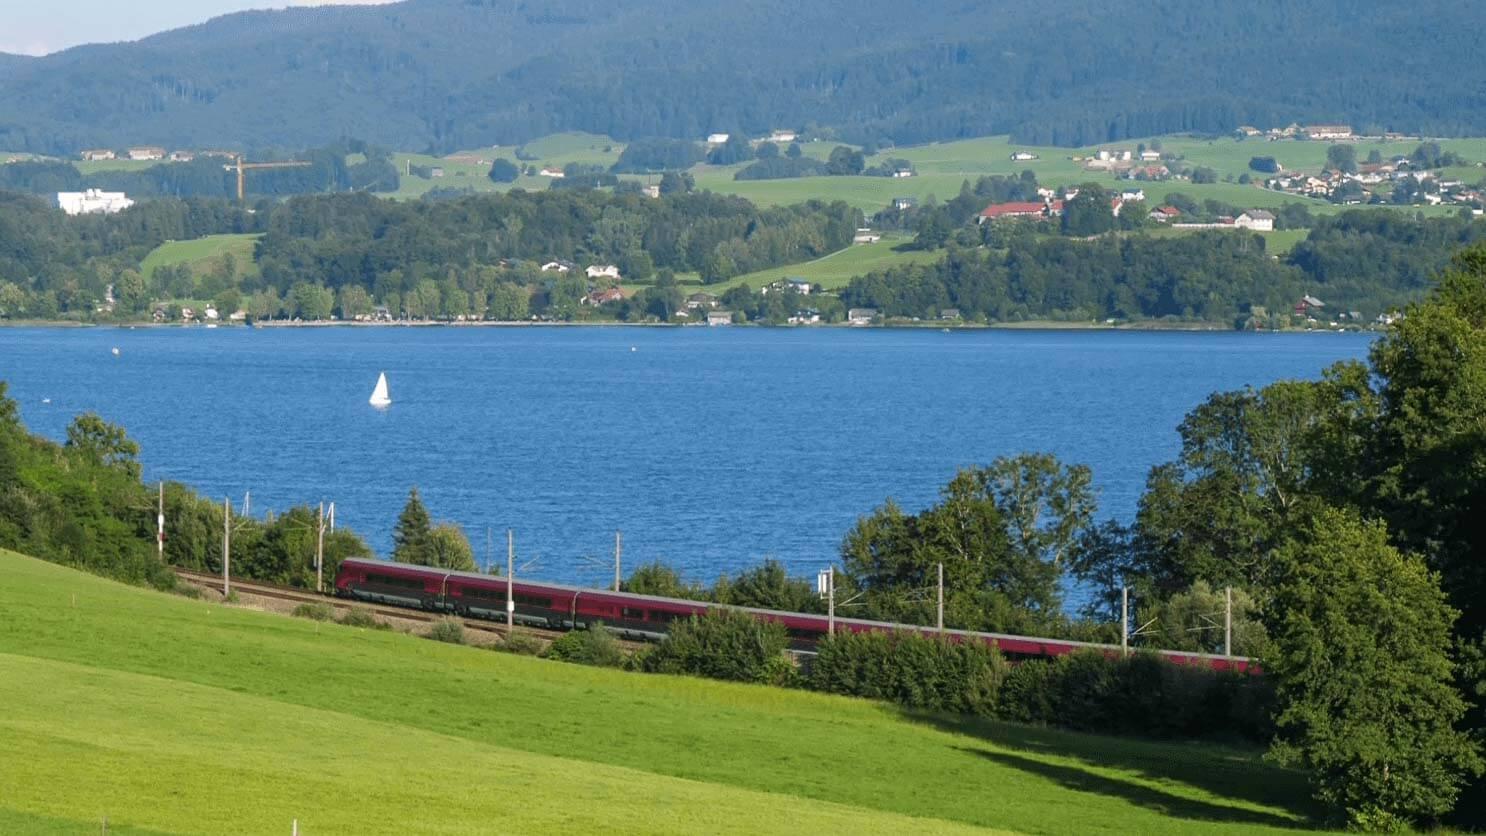 Reisetipps: Mit dem Zug in den Urlaub in Österreich – Mit Video!